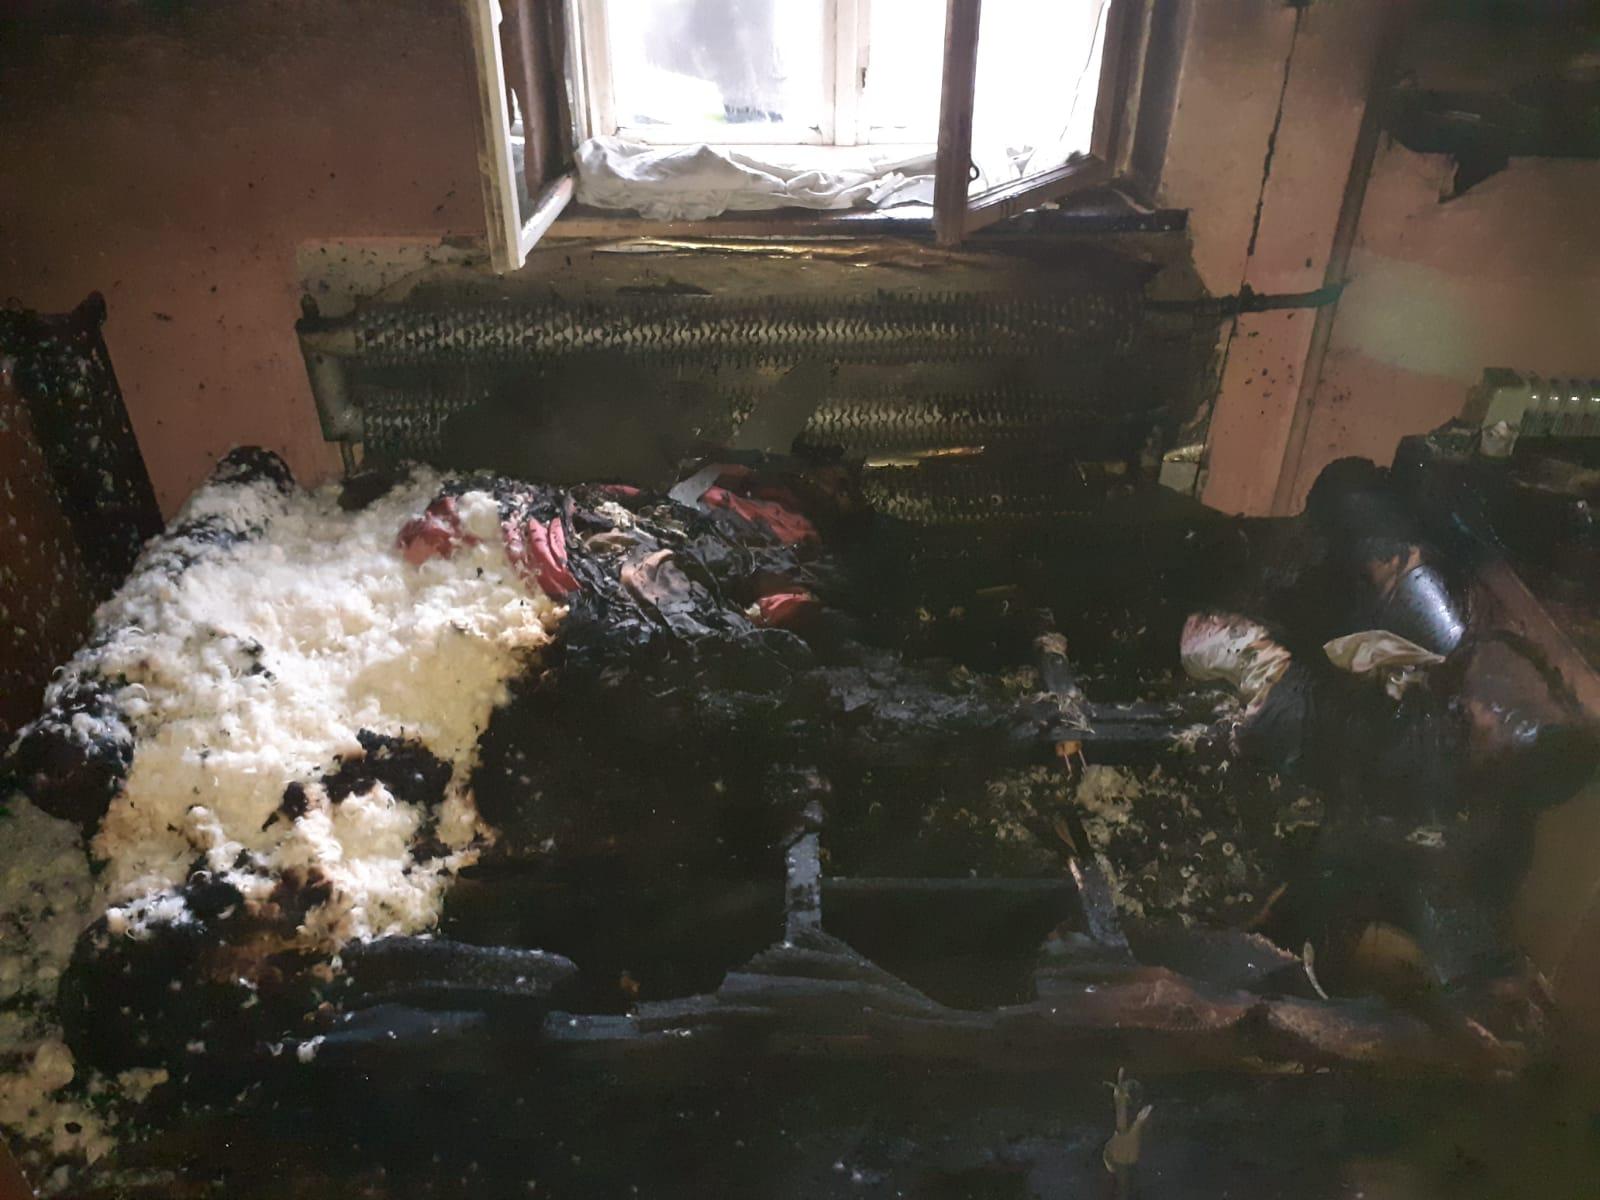 Zgon w zadymionym pomieszczeniu